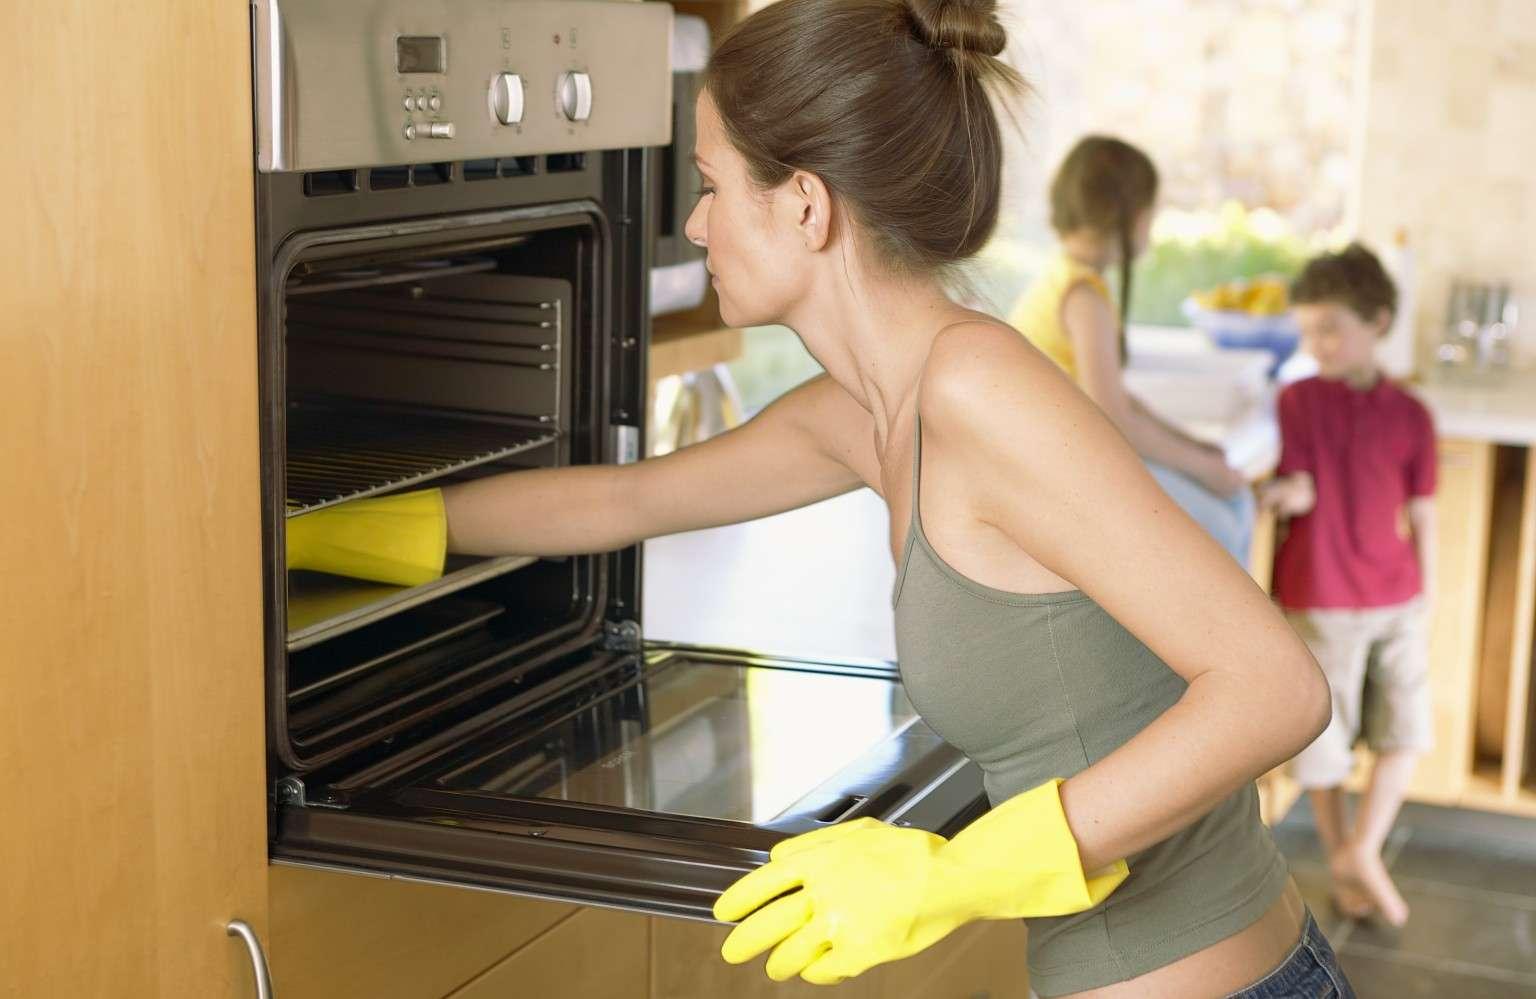 Как почистить духовку от жира и нагара в домашних условиях? Как отмыть духовку от старого пригоревшего жира?